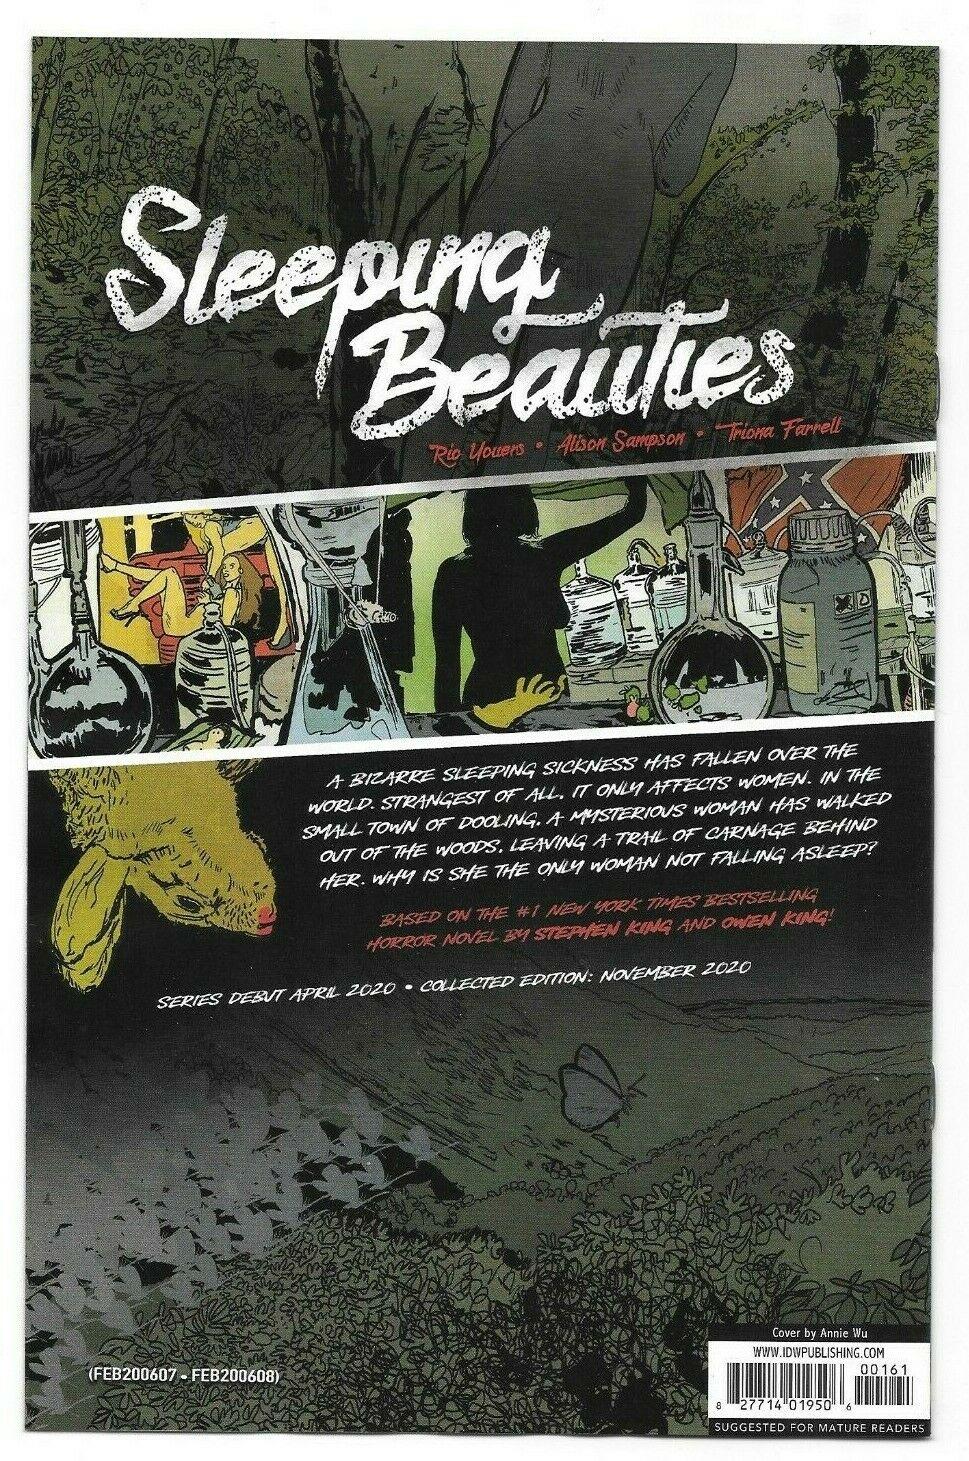 Sleepingbeauties Bd 00 Preview 02